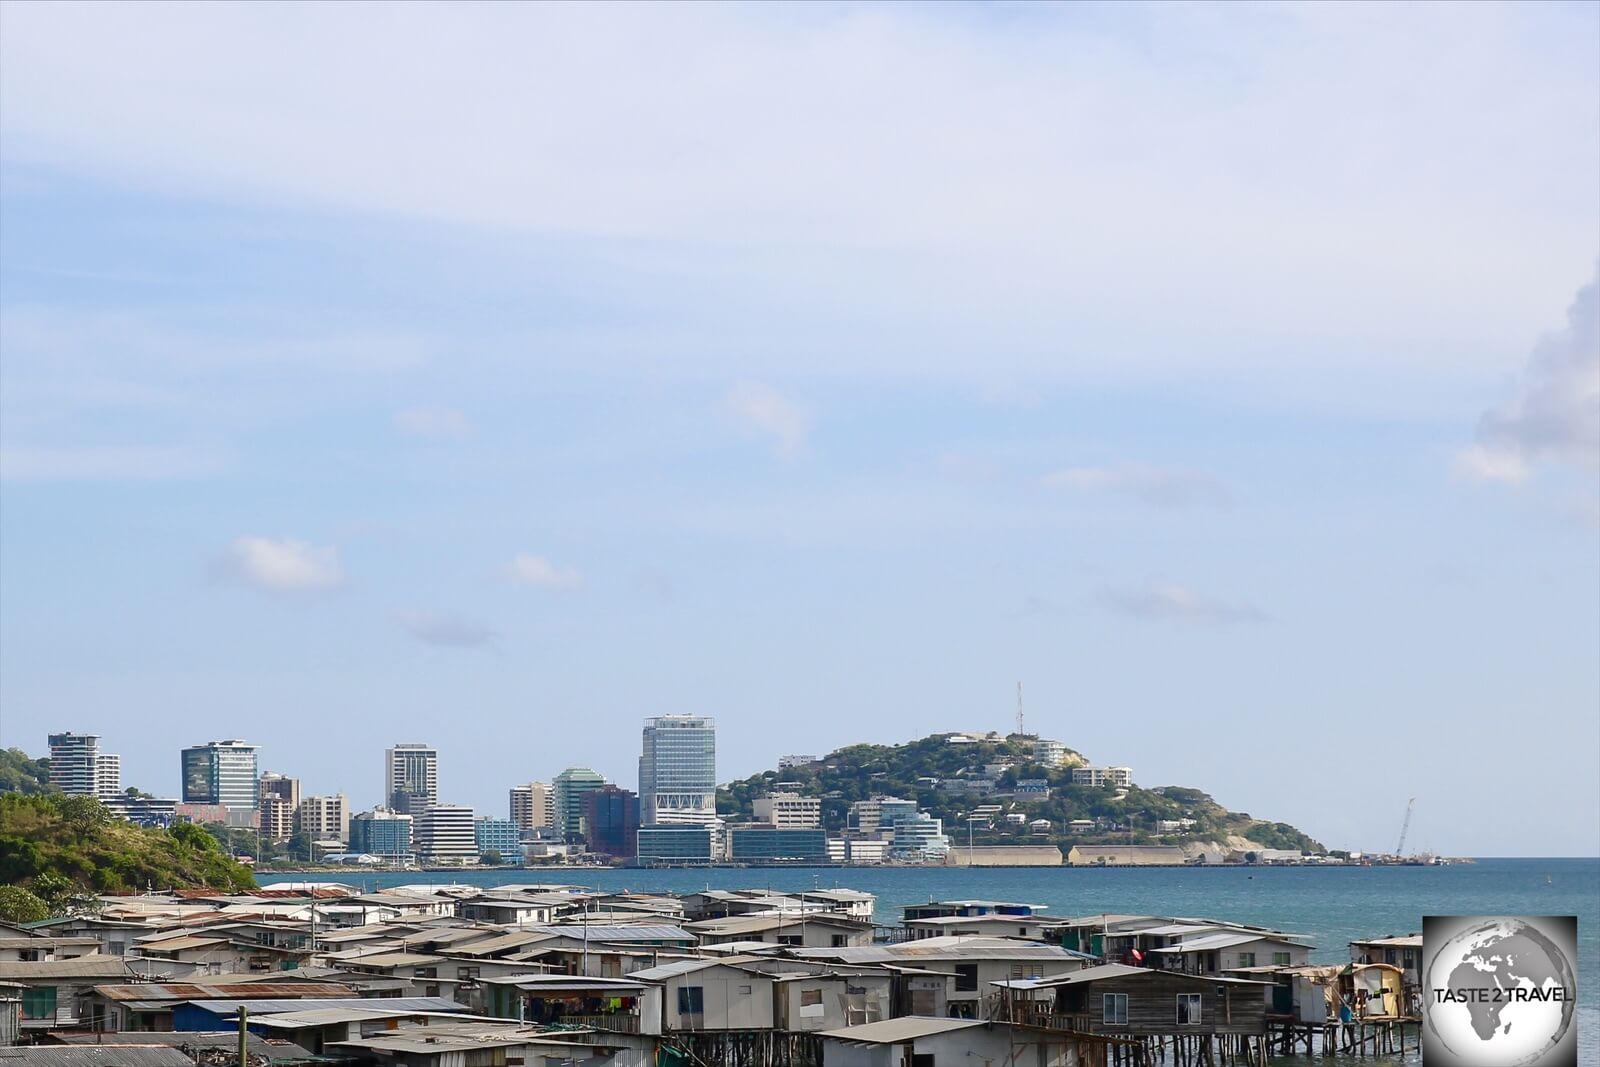 Hanubada stilt village is the closest stilt village to downtown Port Moresby.